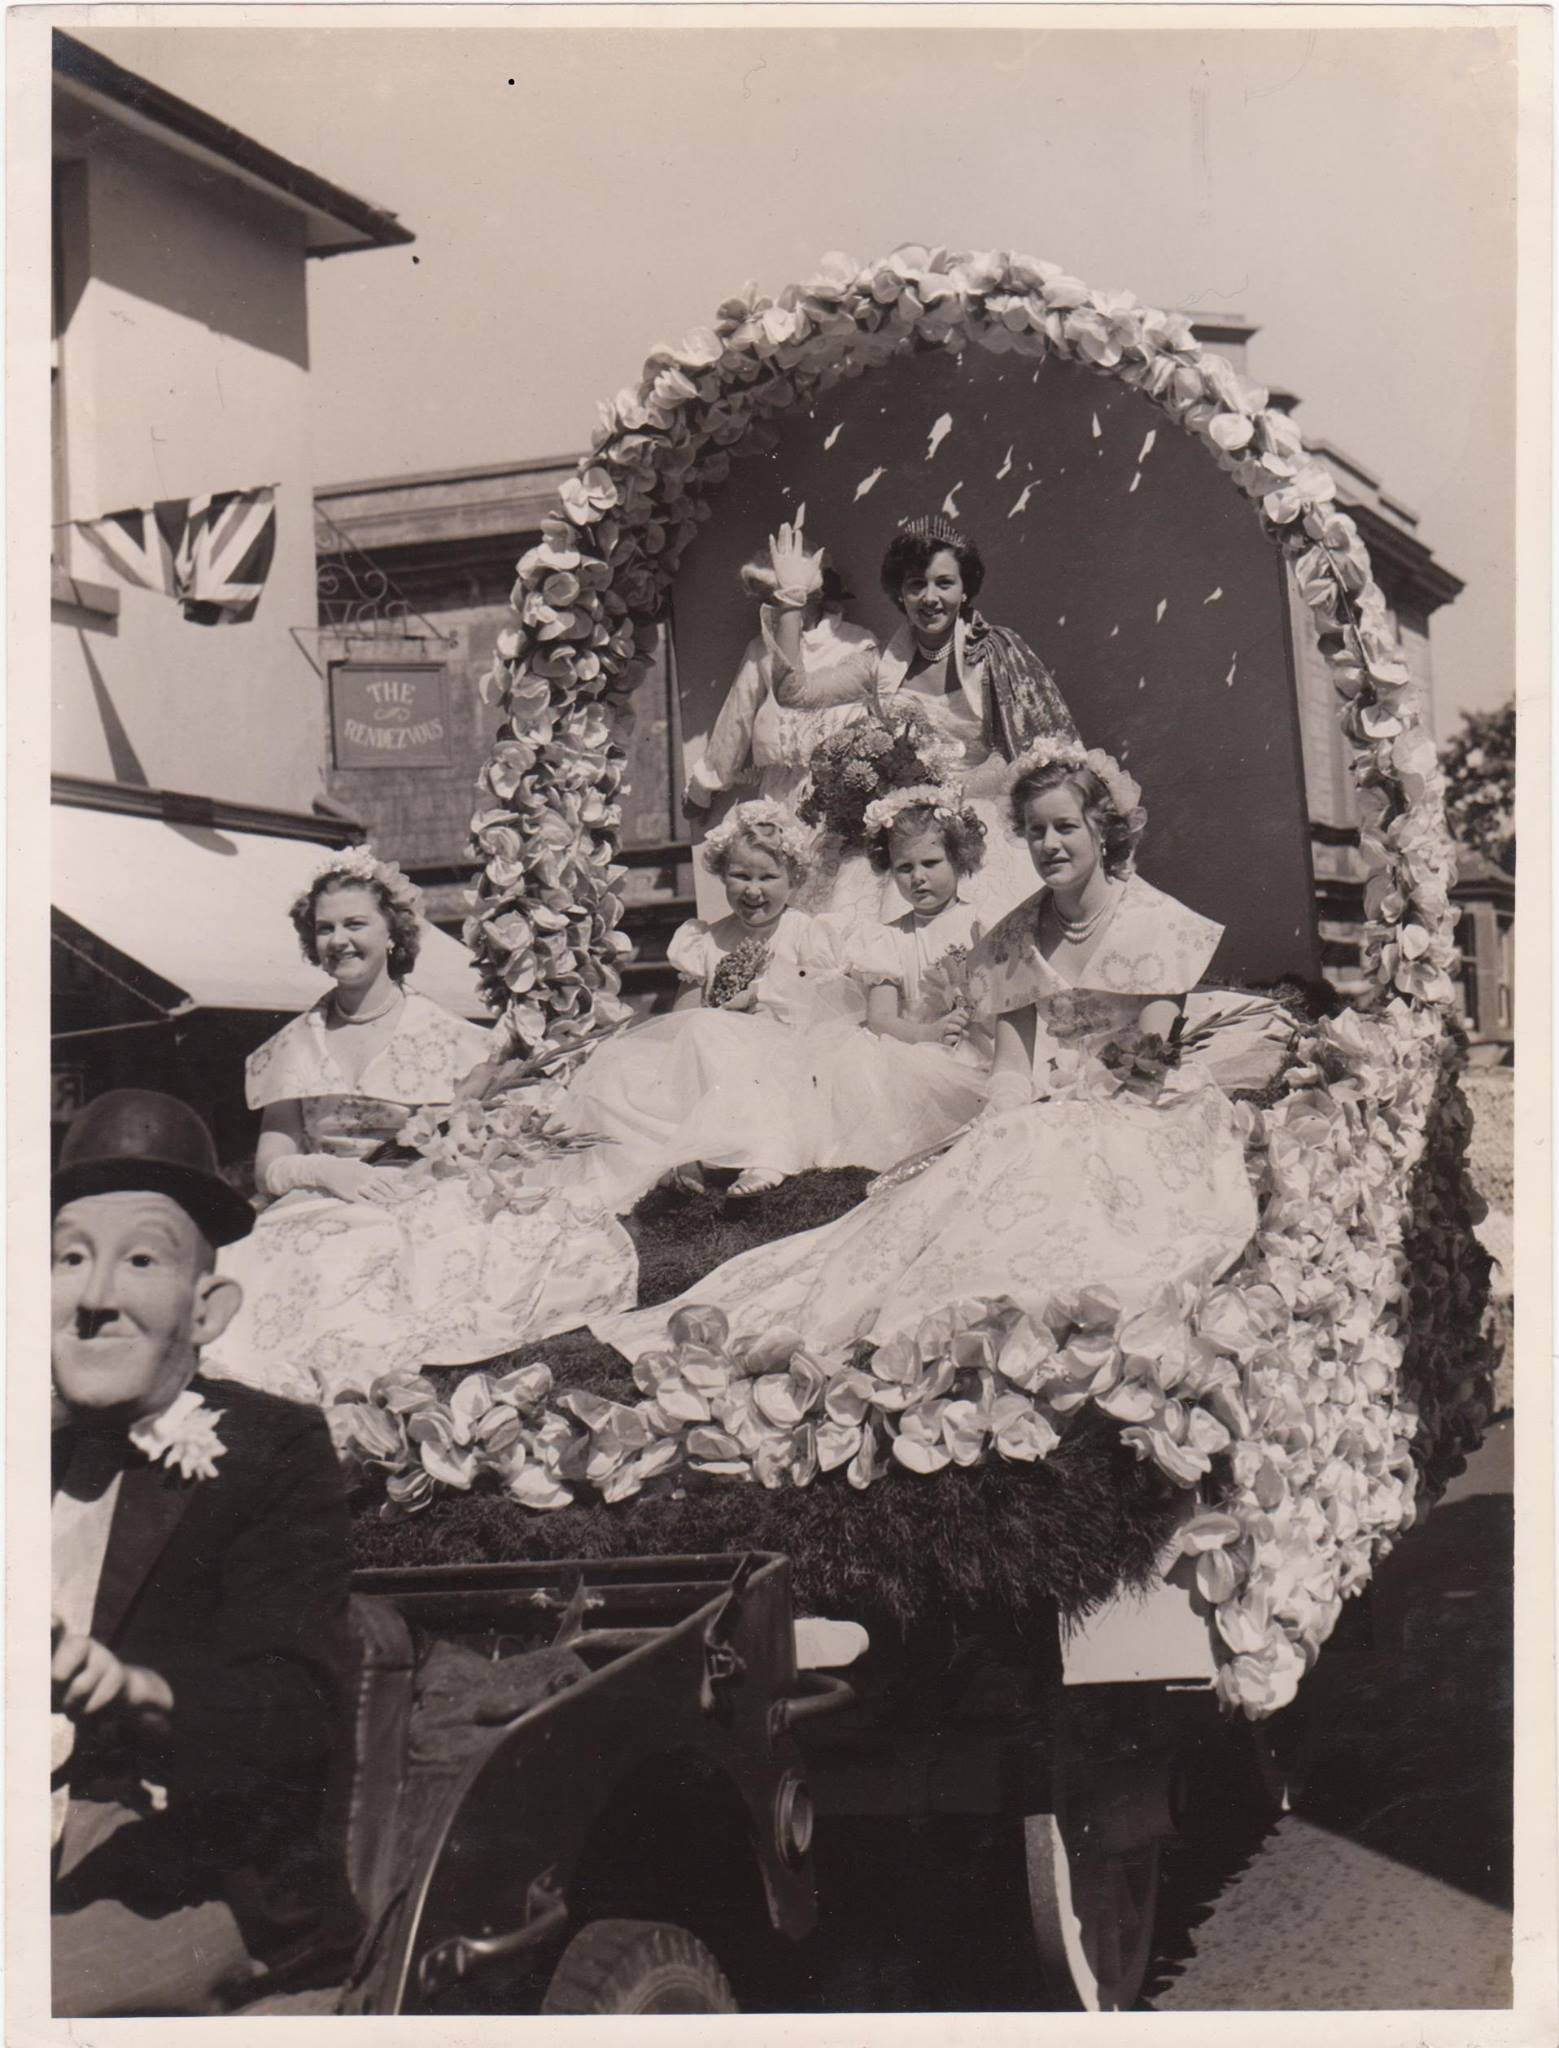 Ventnor Carnival 1953